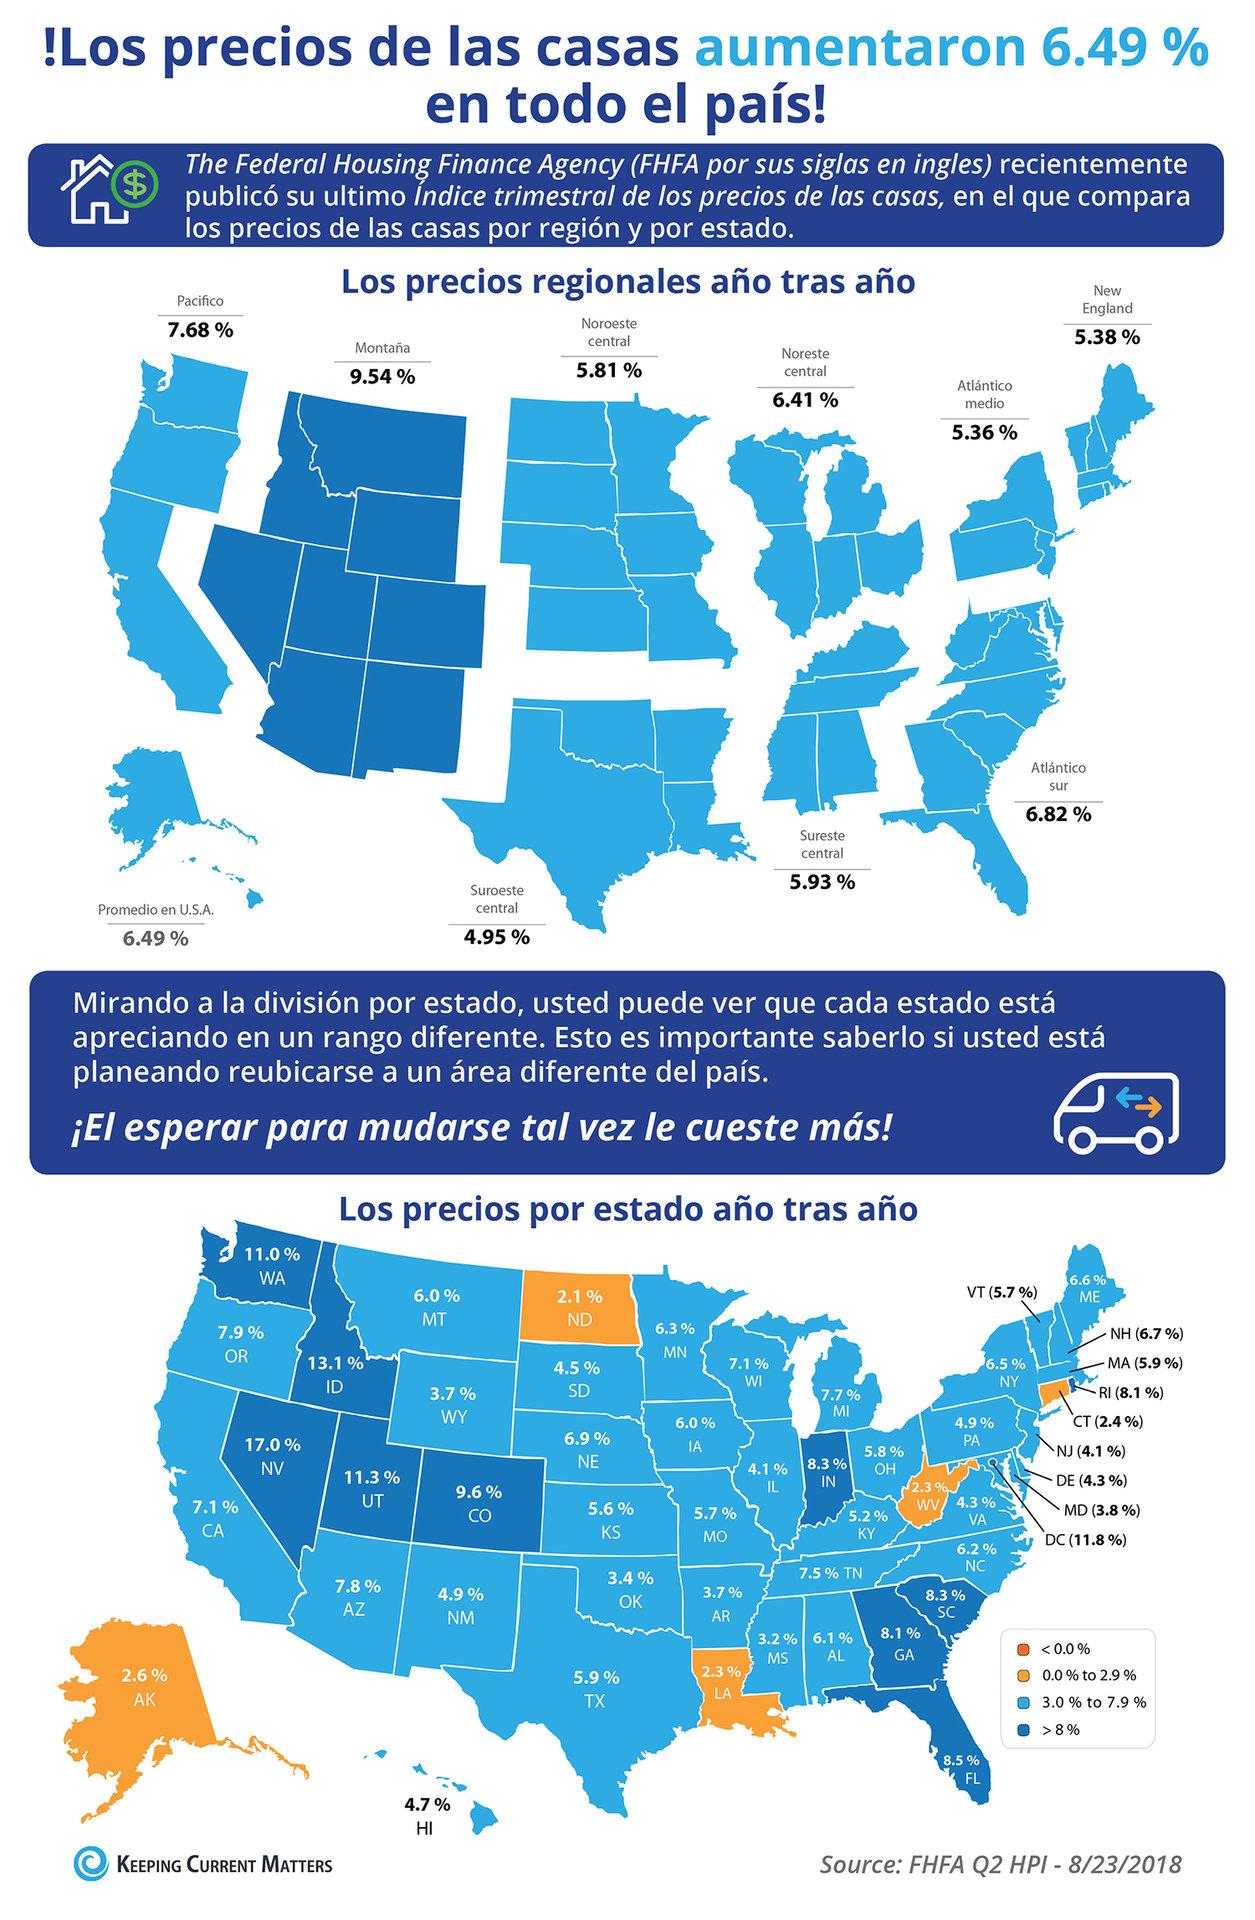 Los precios de las viviendas aumentaron 6.49 % a través del país [Infografía] | Keeping Current Matters